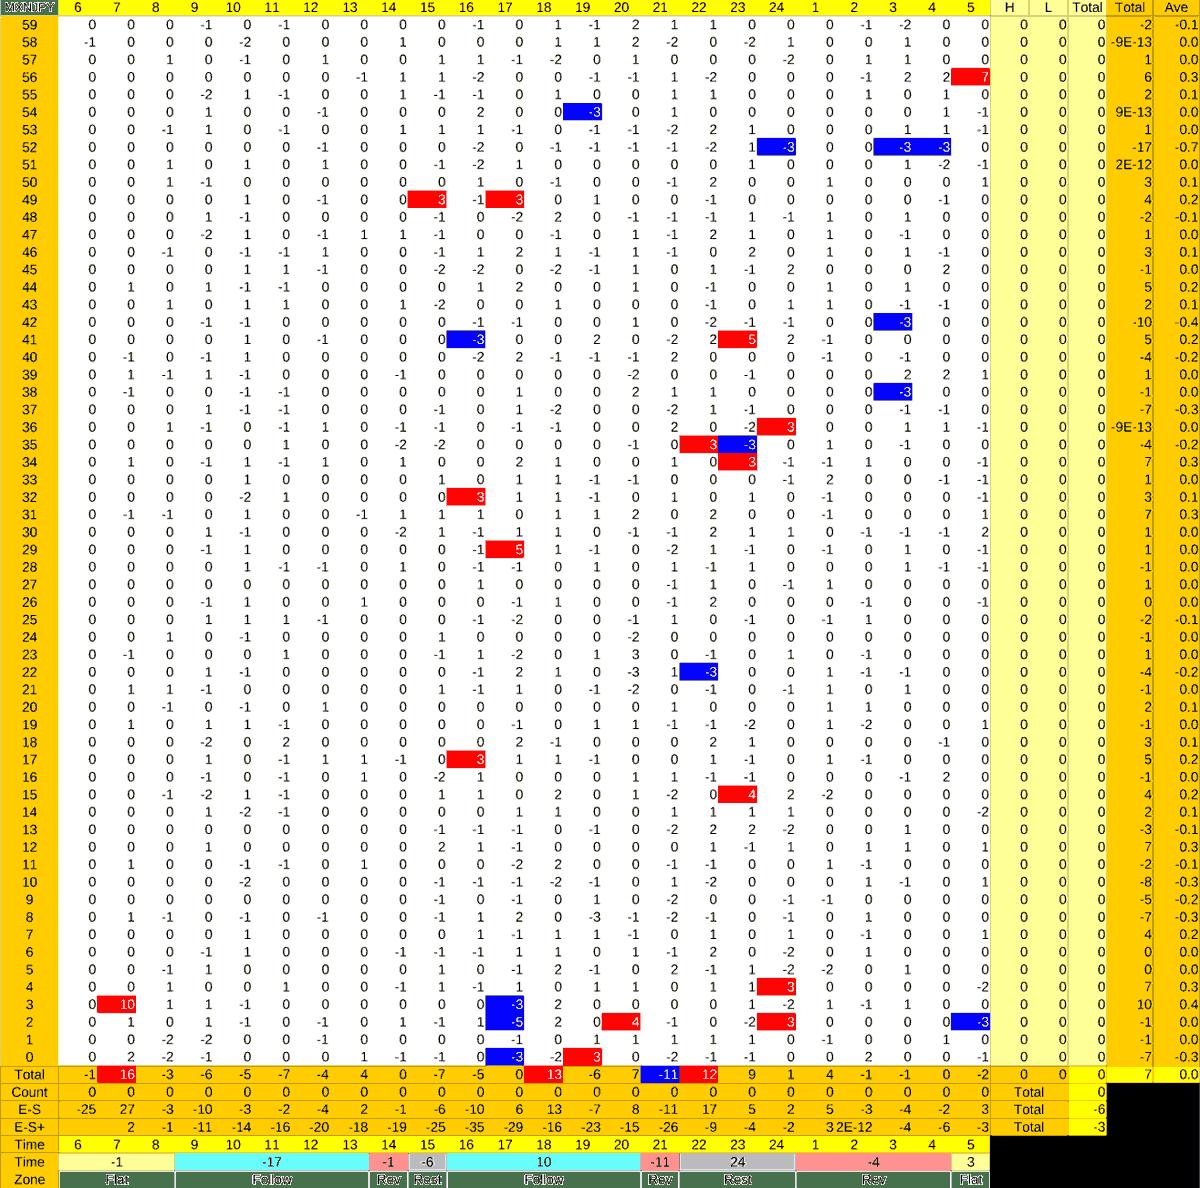 20210726_HS(3)MXNJPY-min